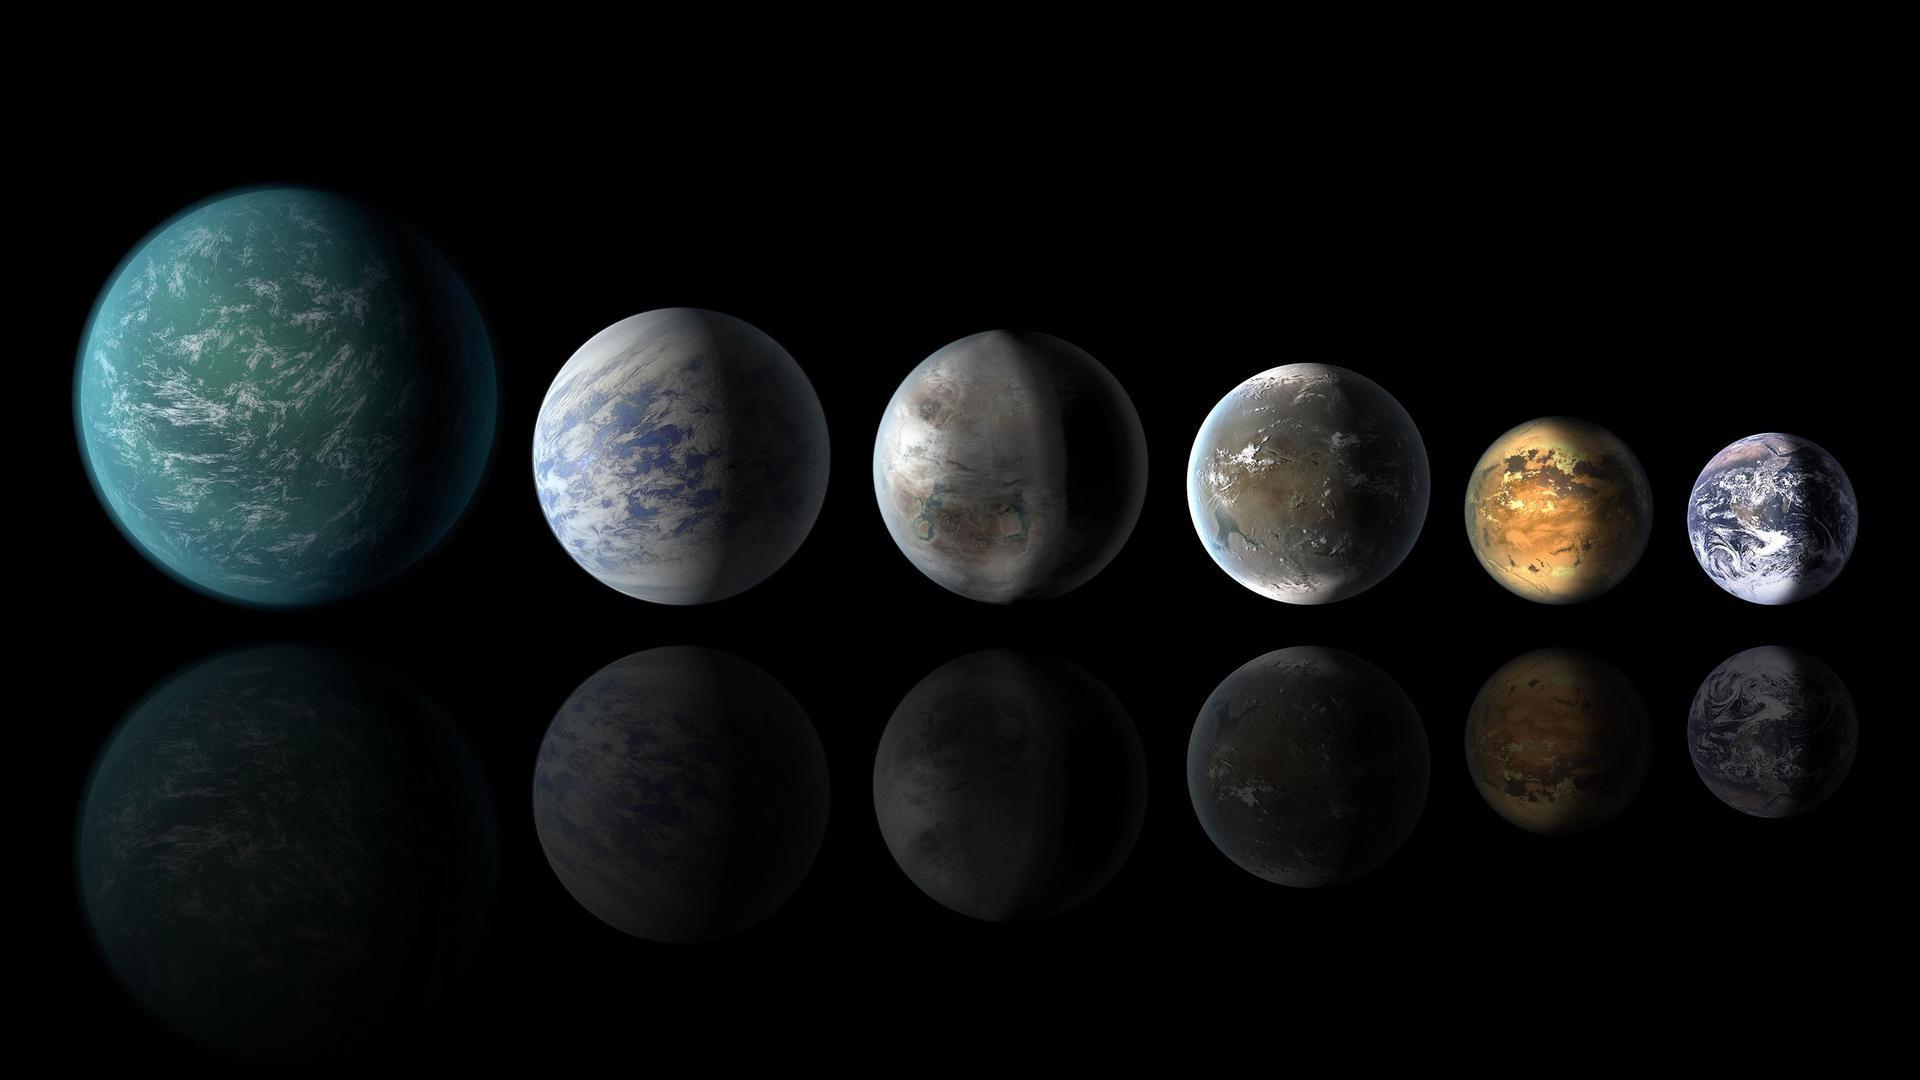 Concepção artística de uma formação planetária mostra planetas da zona habitável com semelhanças com a Terra: da esquerda, Kepler-22b, Kepler-69c, Kepler-452b, Kepler-62f e Kepler-186f. O último da fila é a própria Terra. (Foto: NASA)